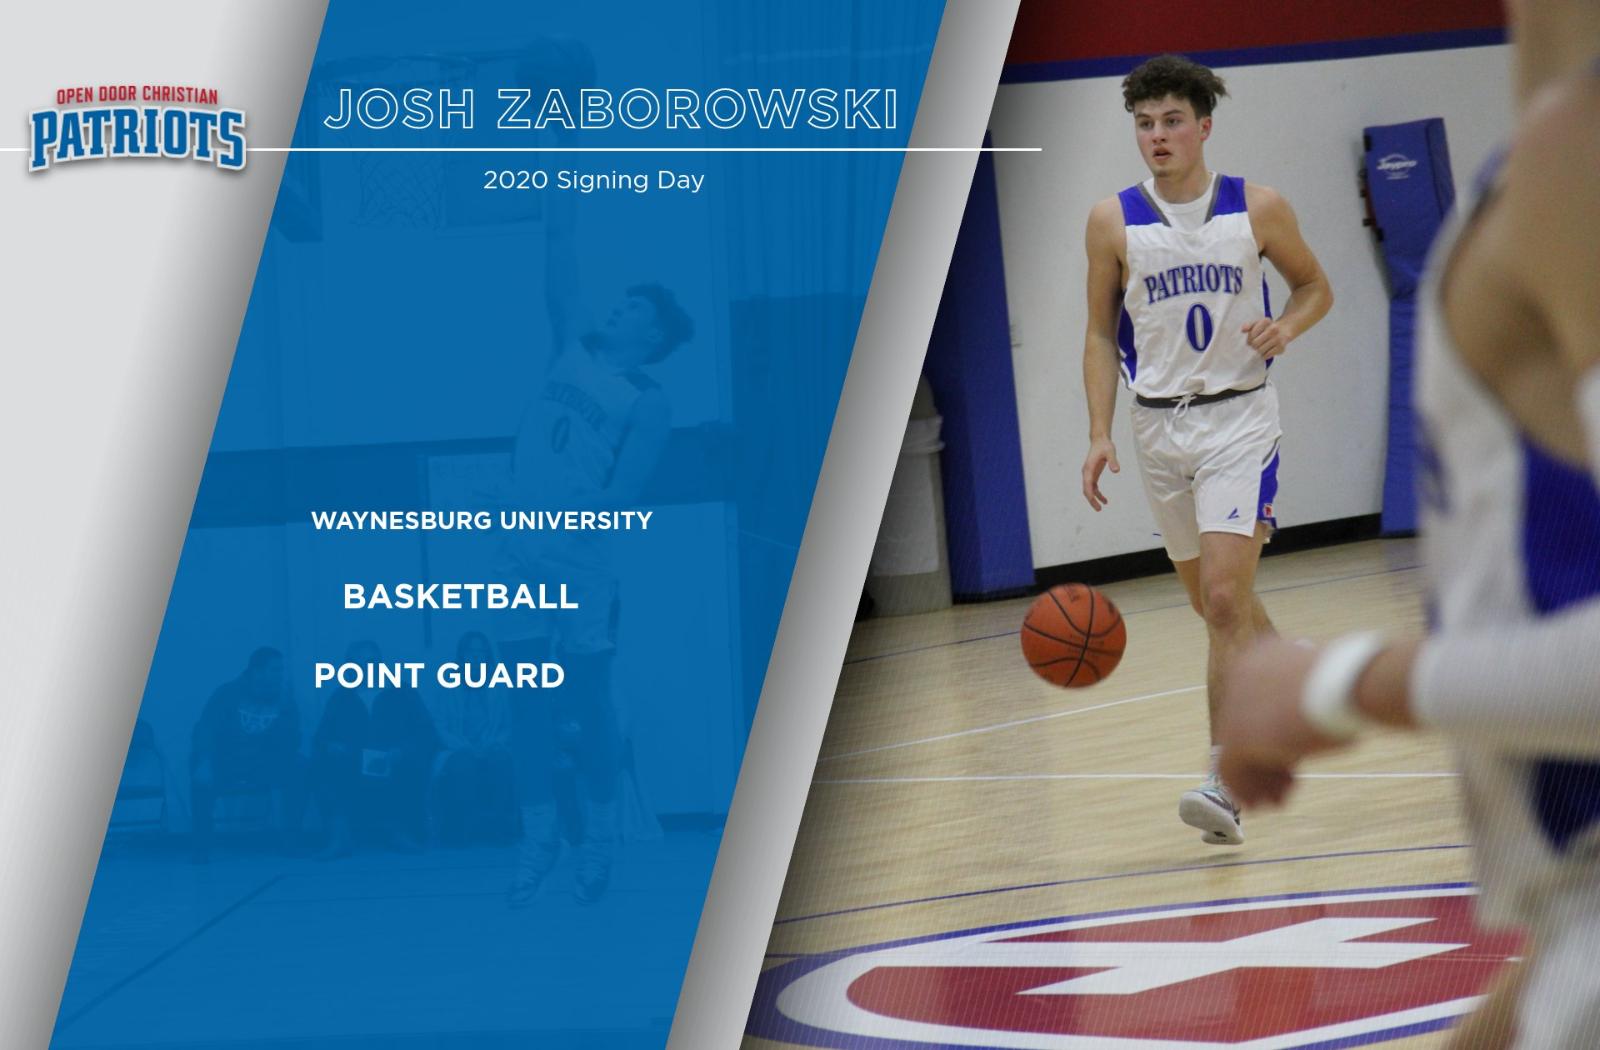 Josh Zaborowski Chooses Waynesburg University